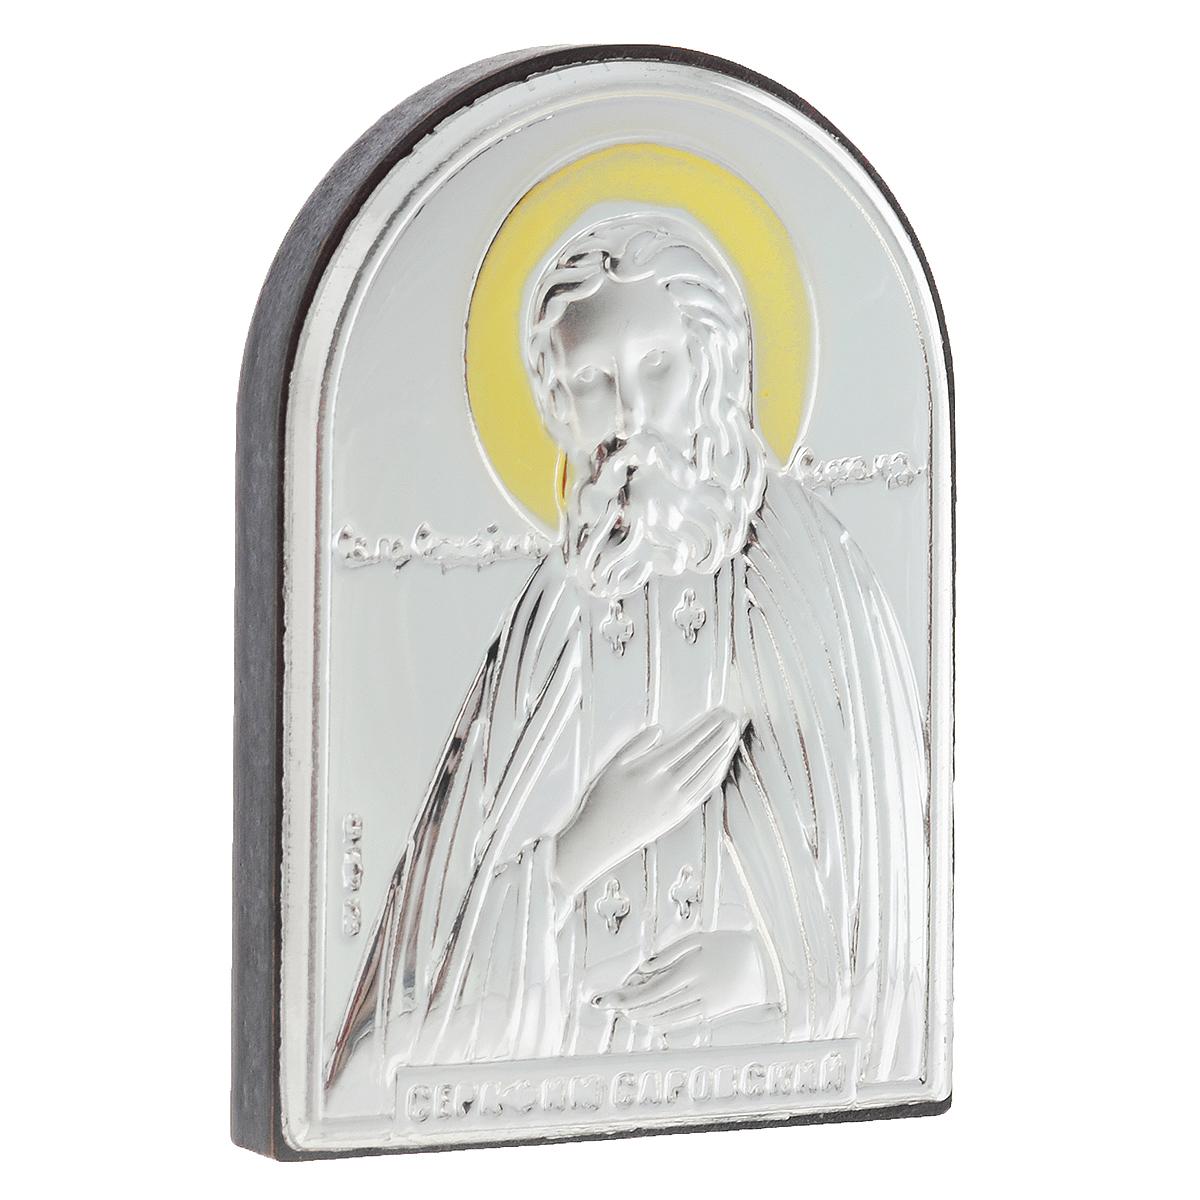 Икона Святого Преподобного Серафима Саровского, 5,5 см х 4 см